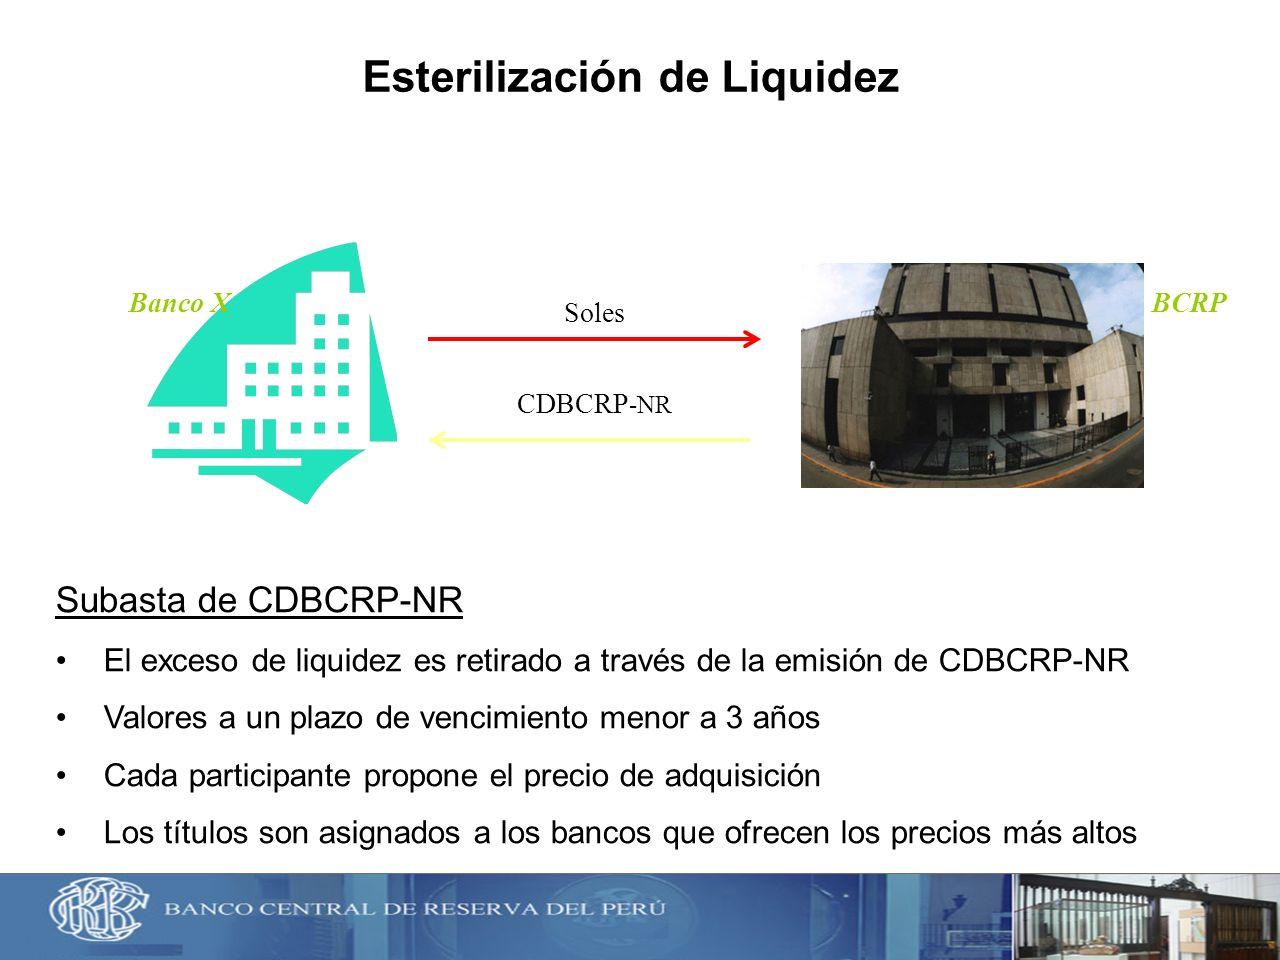 Esterilización de Liquidez